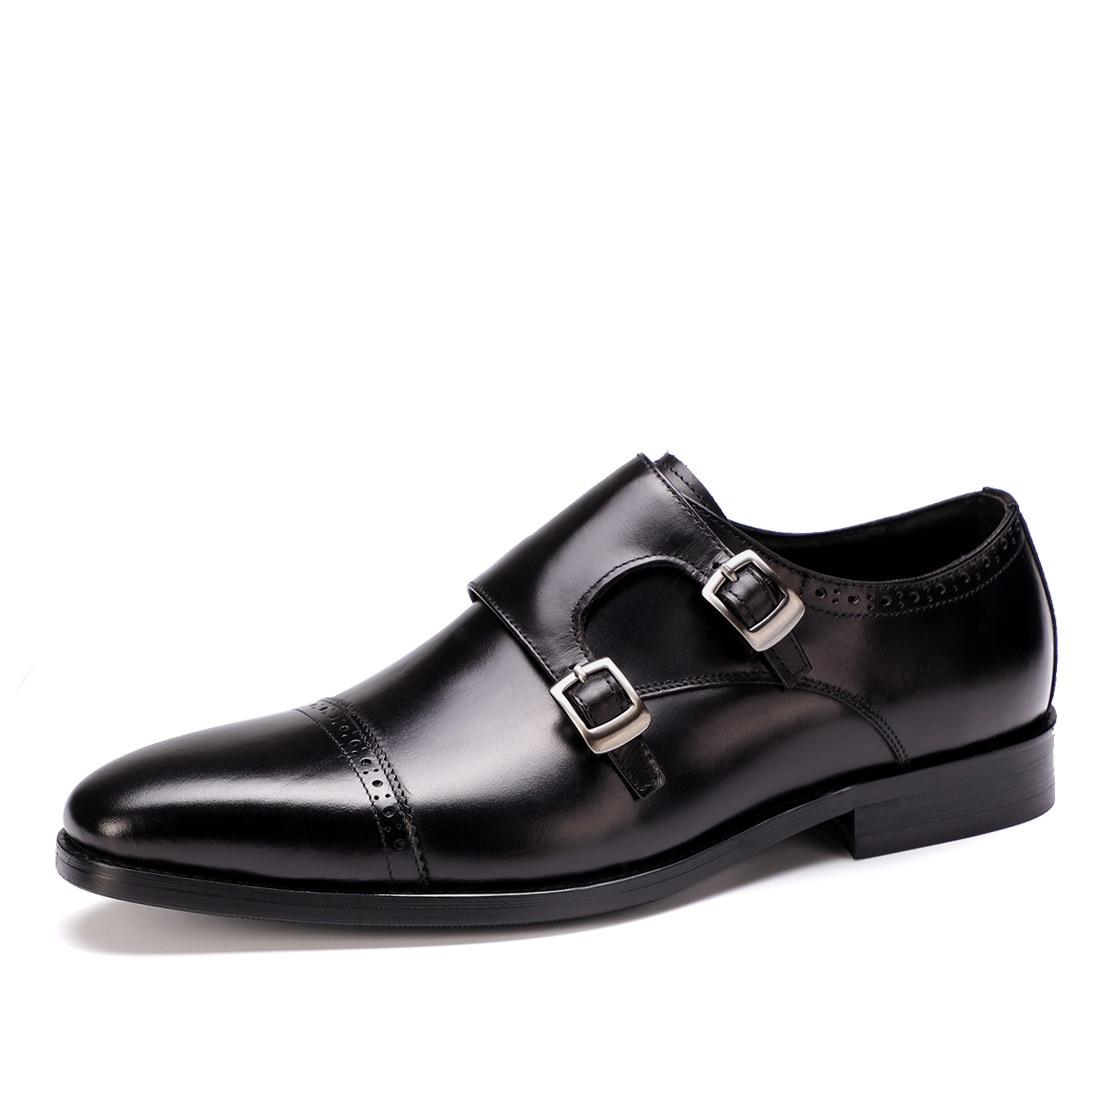 Derby QYFCIOUFU Couro Genuíno Sapatos de Festa